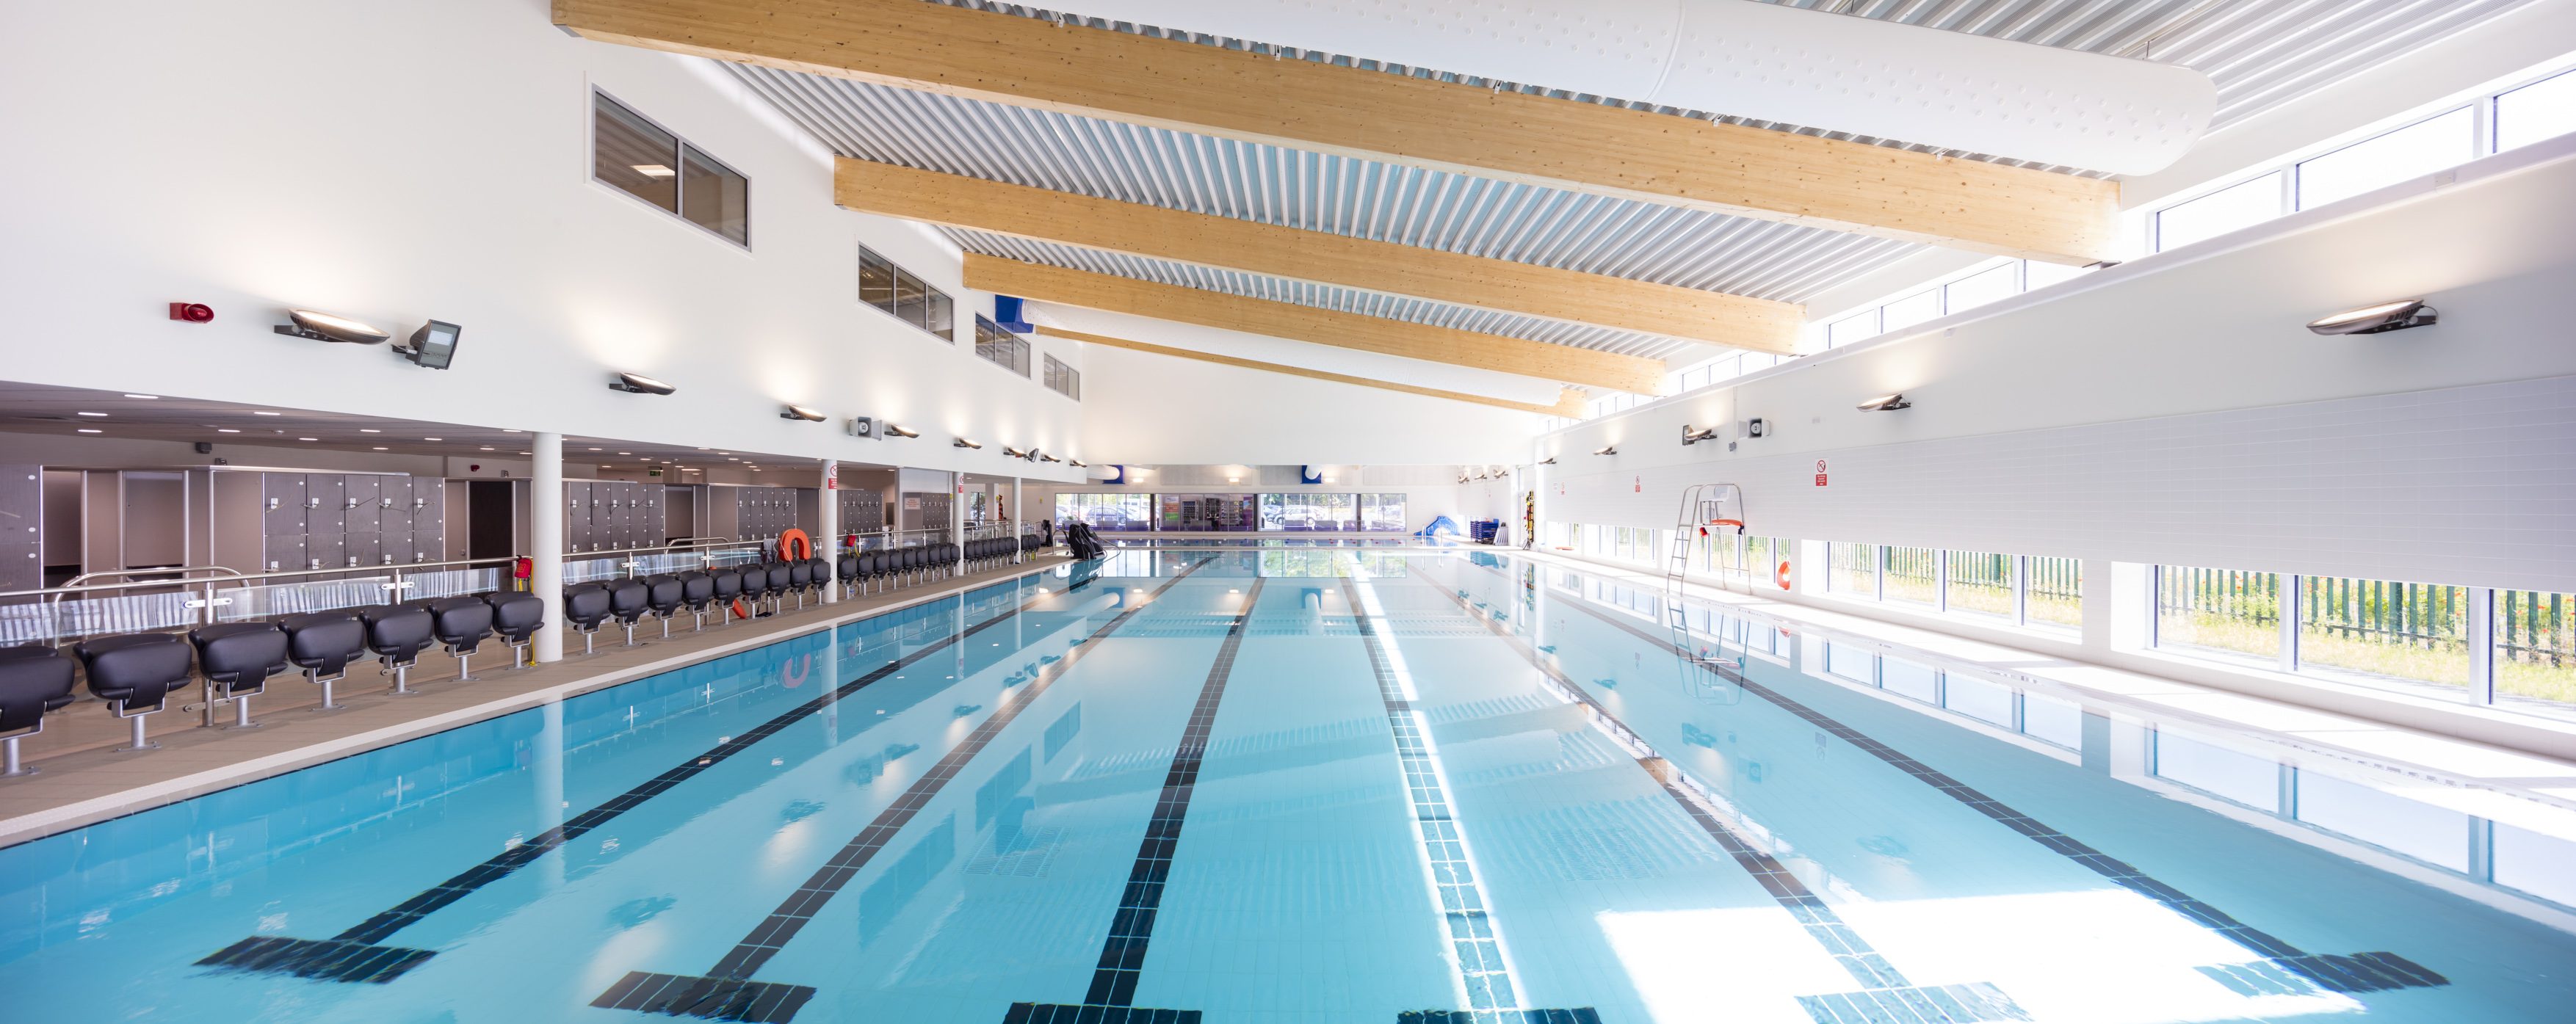 runnymede swimming pool